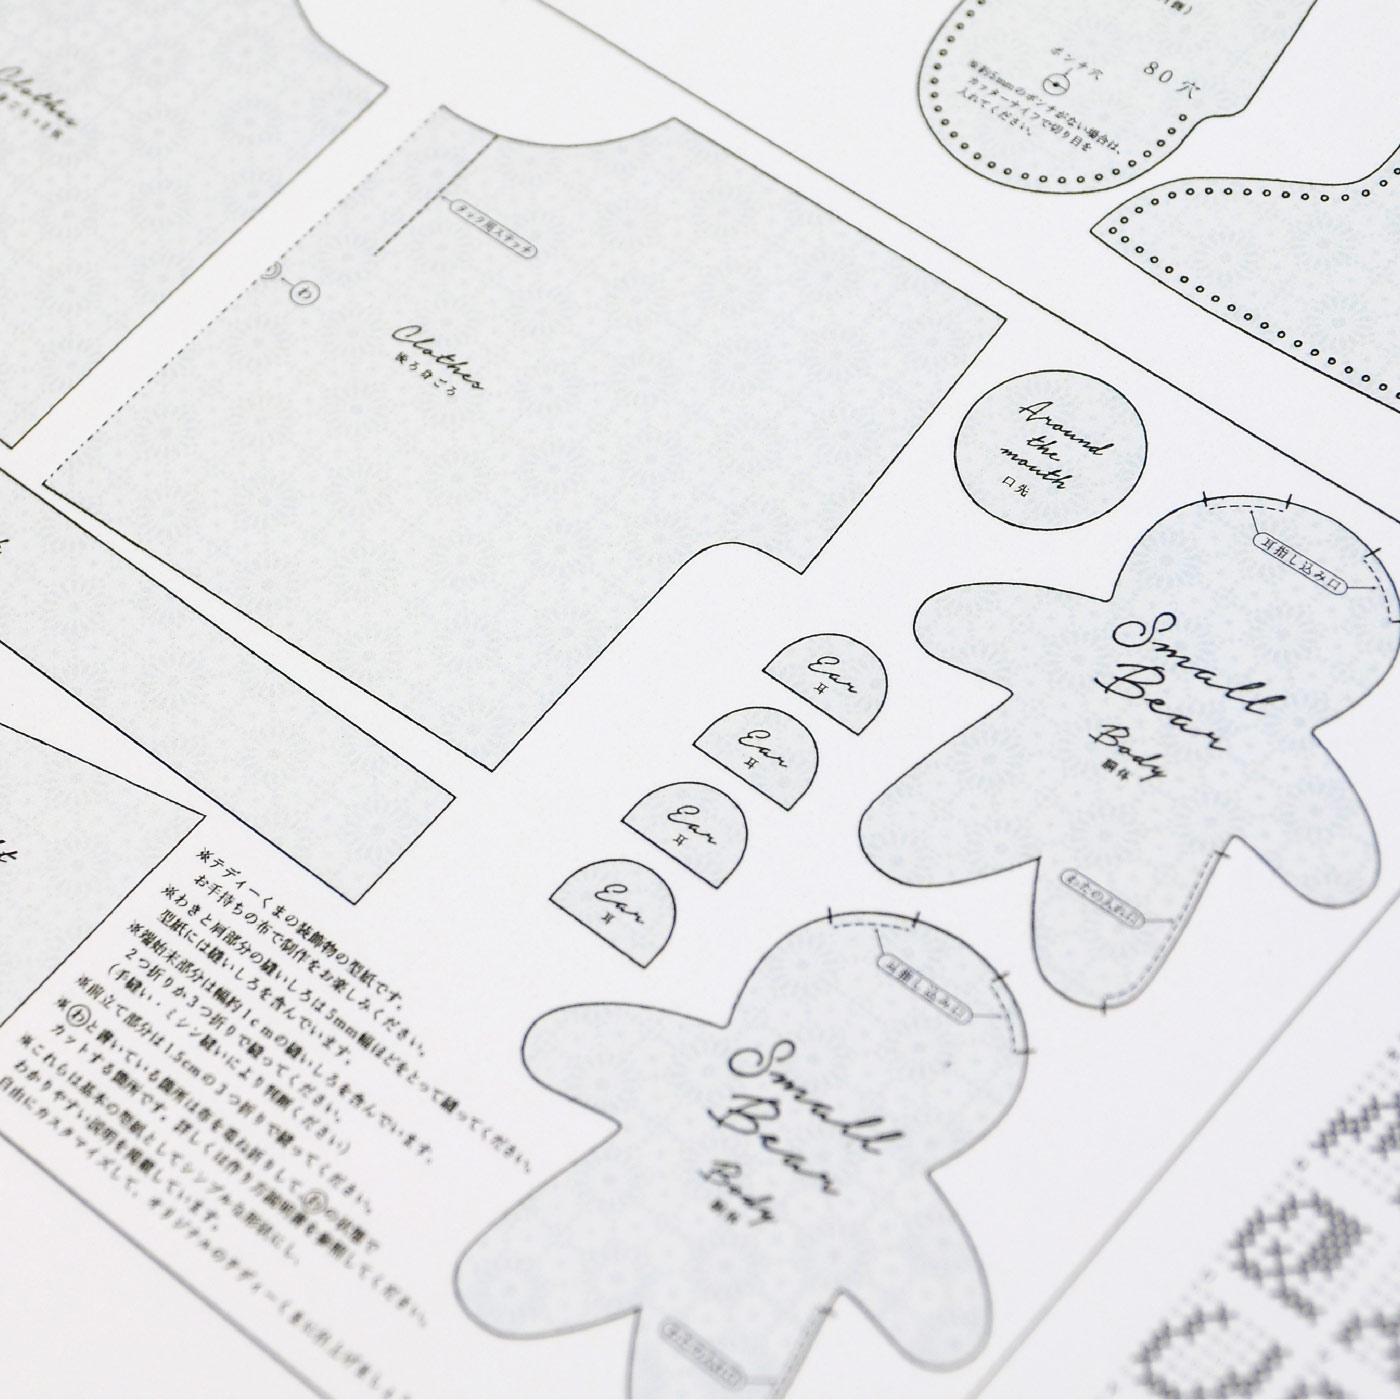 おまけにアルファベット(筆記体)図案とパジャマ、ナイトキャップ、子ぐまの型紙付き。